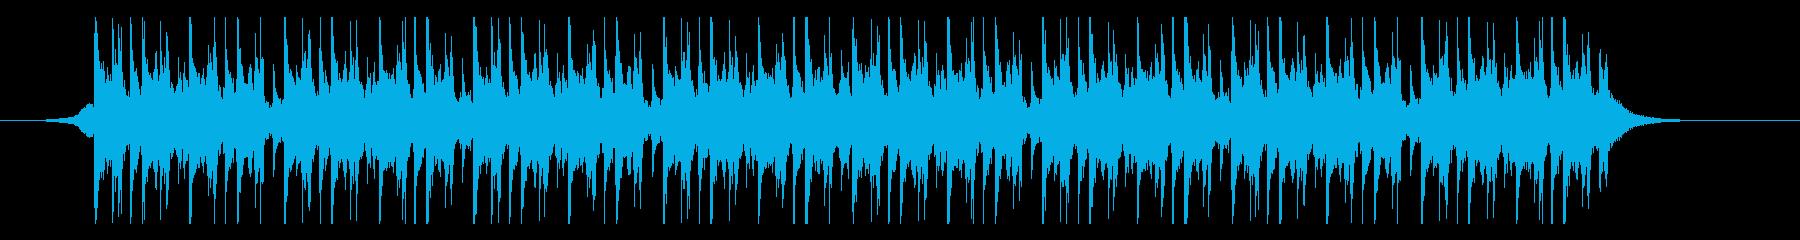 ラマダン(45秒)の再生済みの波形